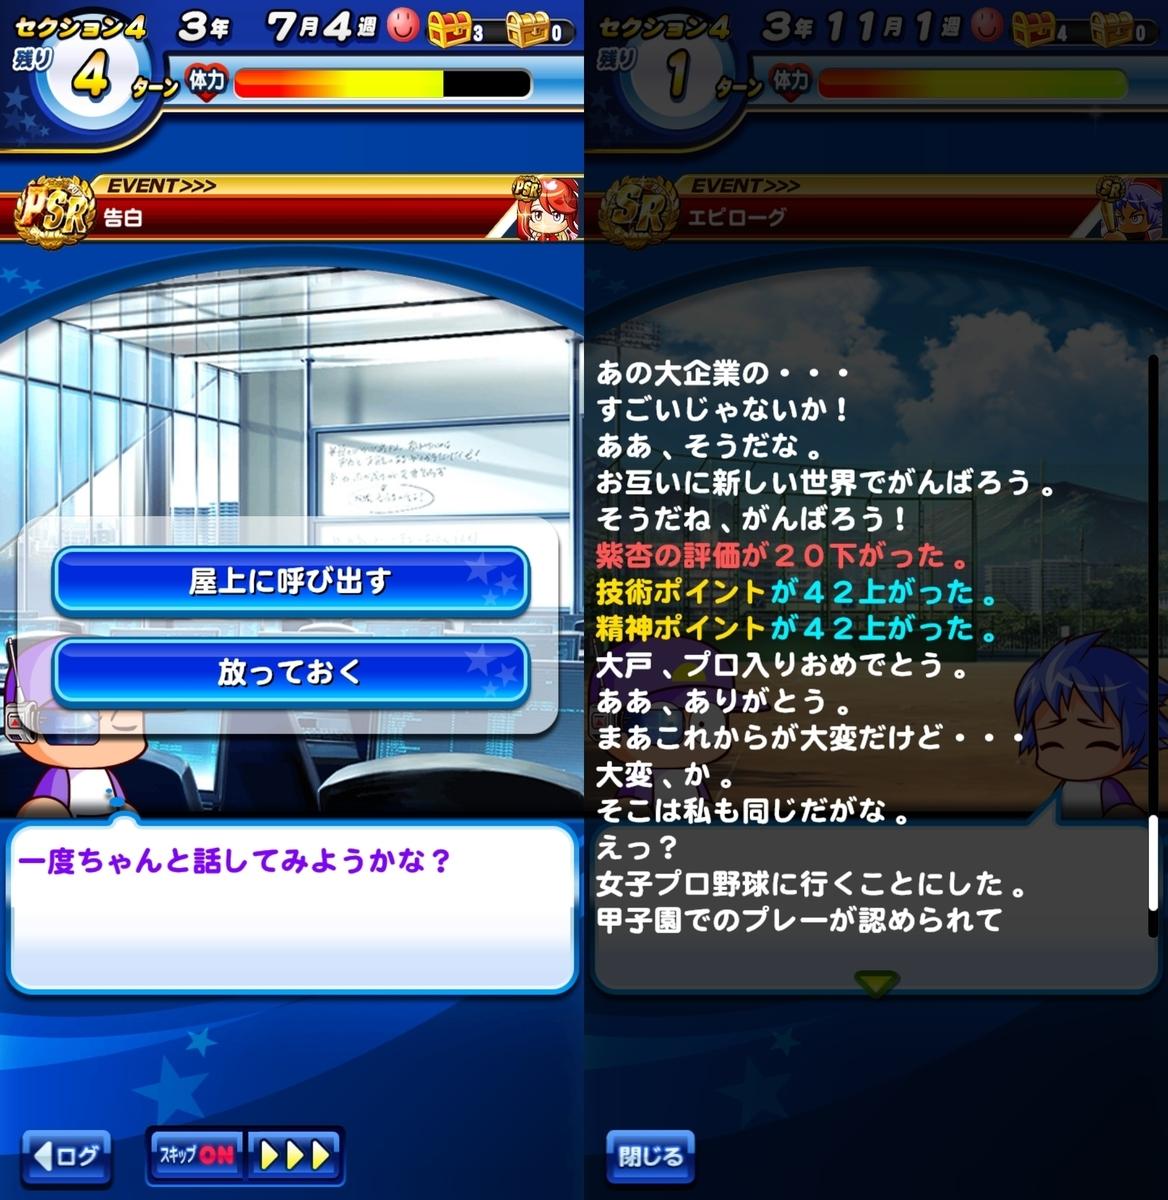 f:id:arimurasaji:20200628120036j:plain